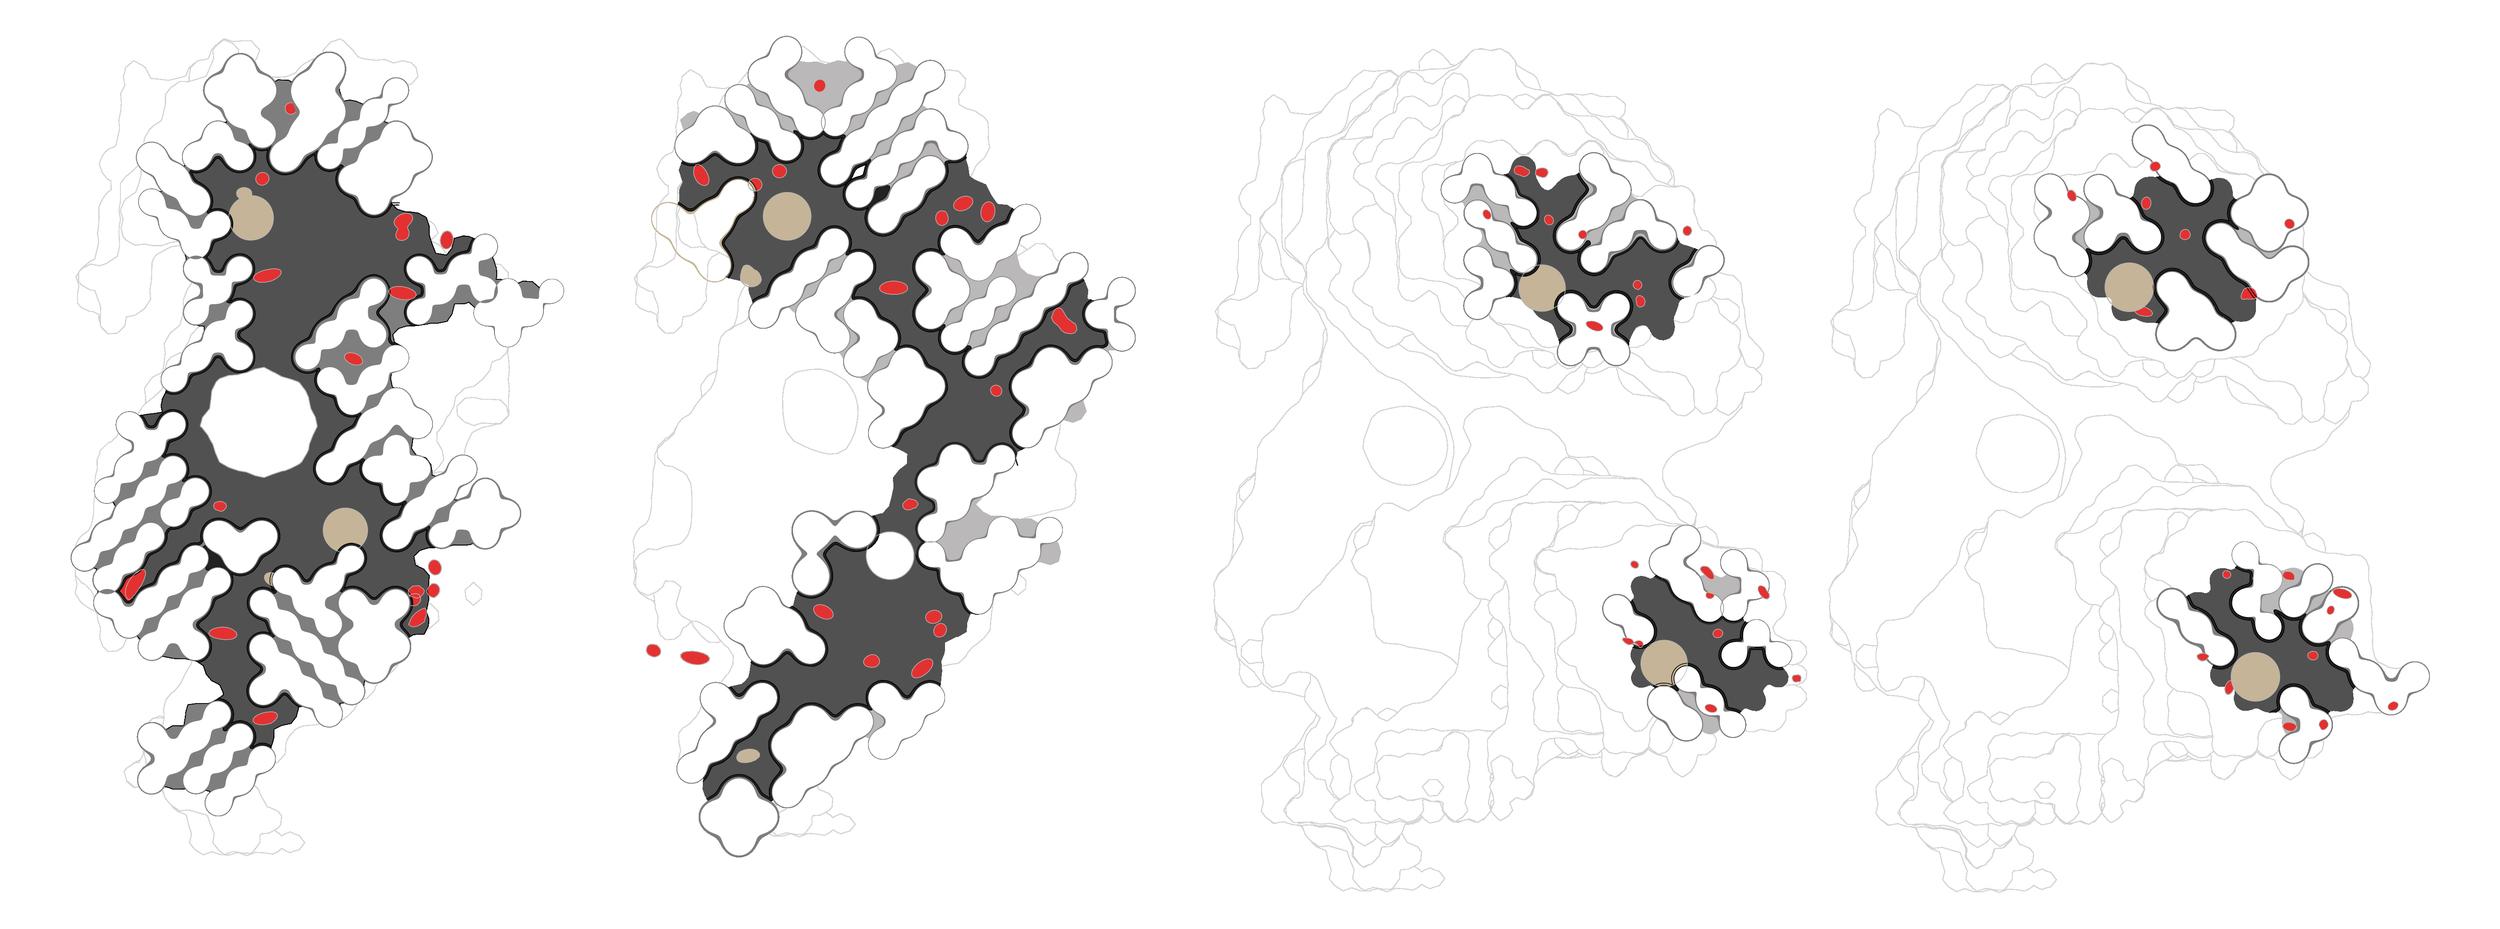 Evolution of plans